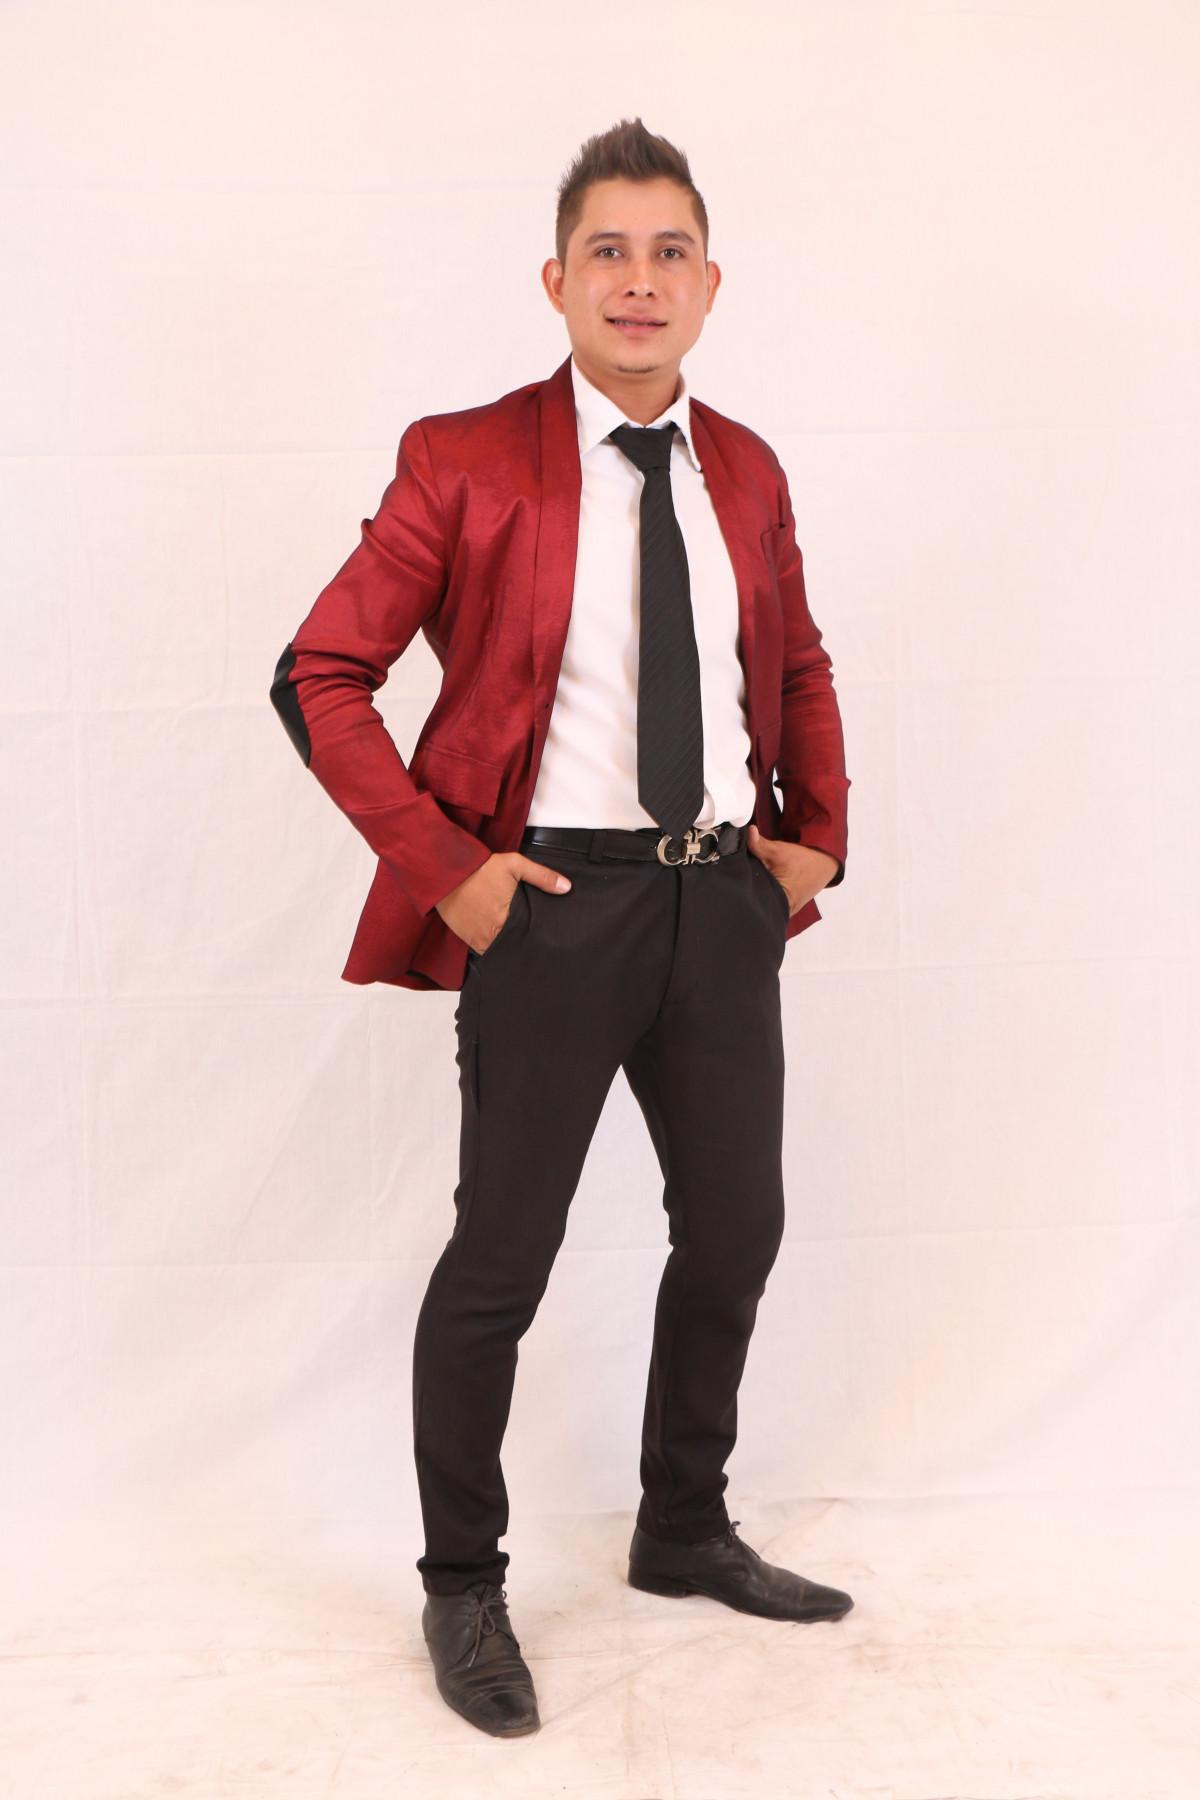 Fotos Gratis Hombre Persona Traje Cuero Masculino En Pie Modelo Primavera Rojo Moda